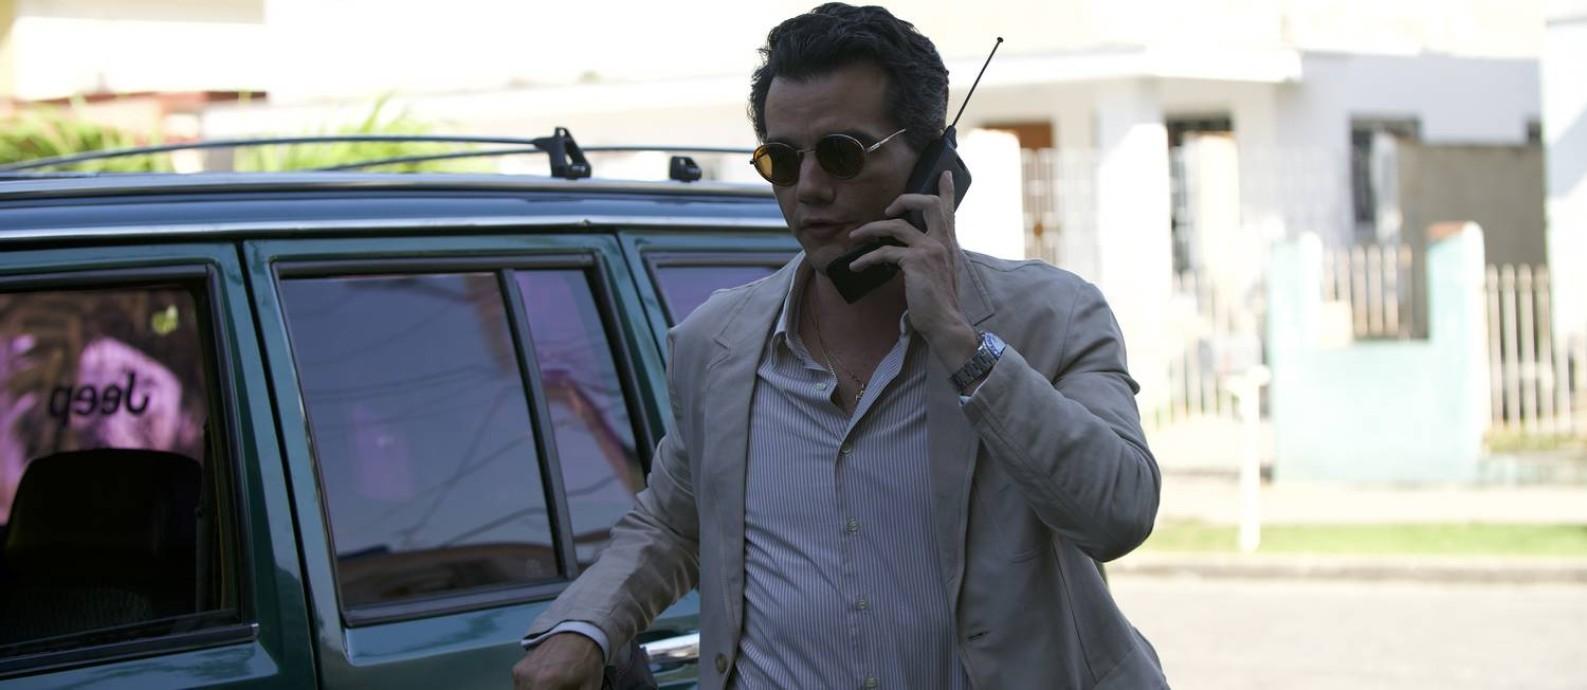 Wagner Moura vive espião cubano em 'Wasp network' Foto: Ronin Novoa Wong / Divulgação